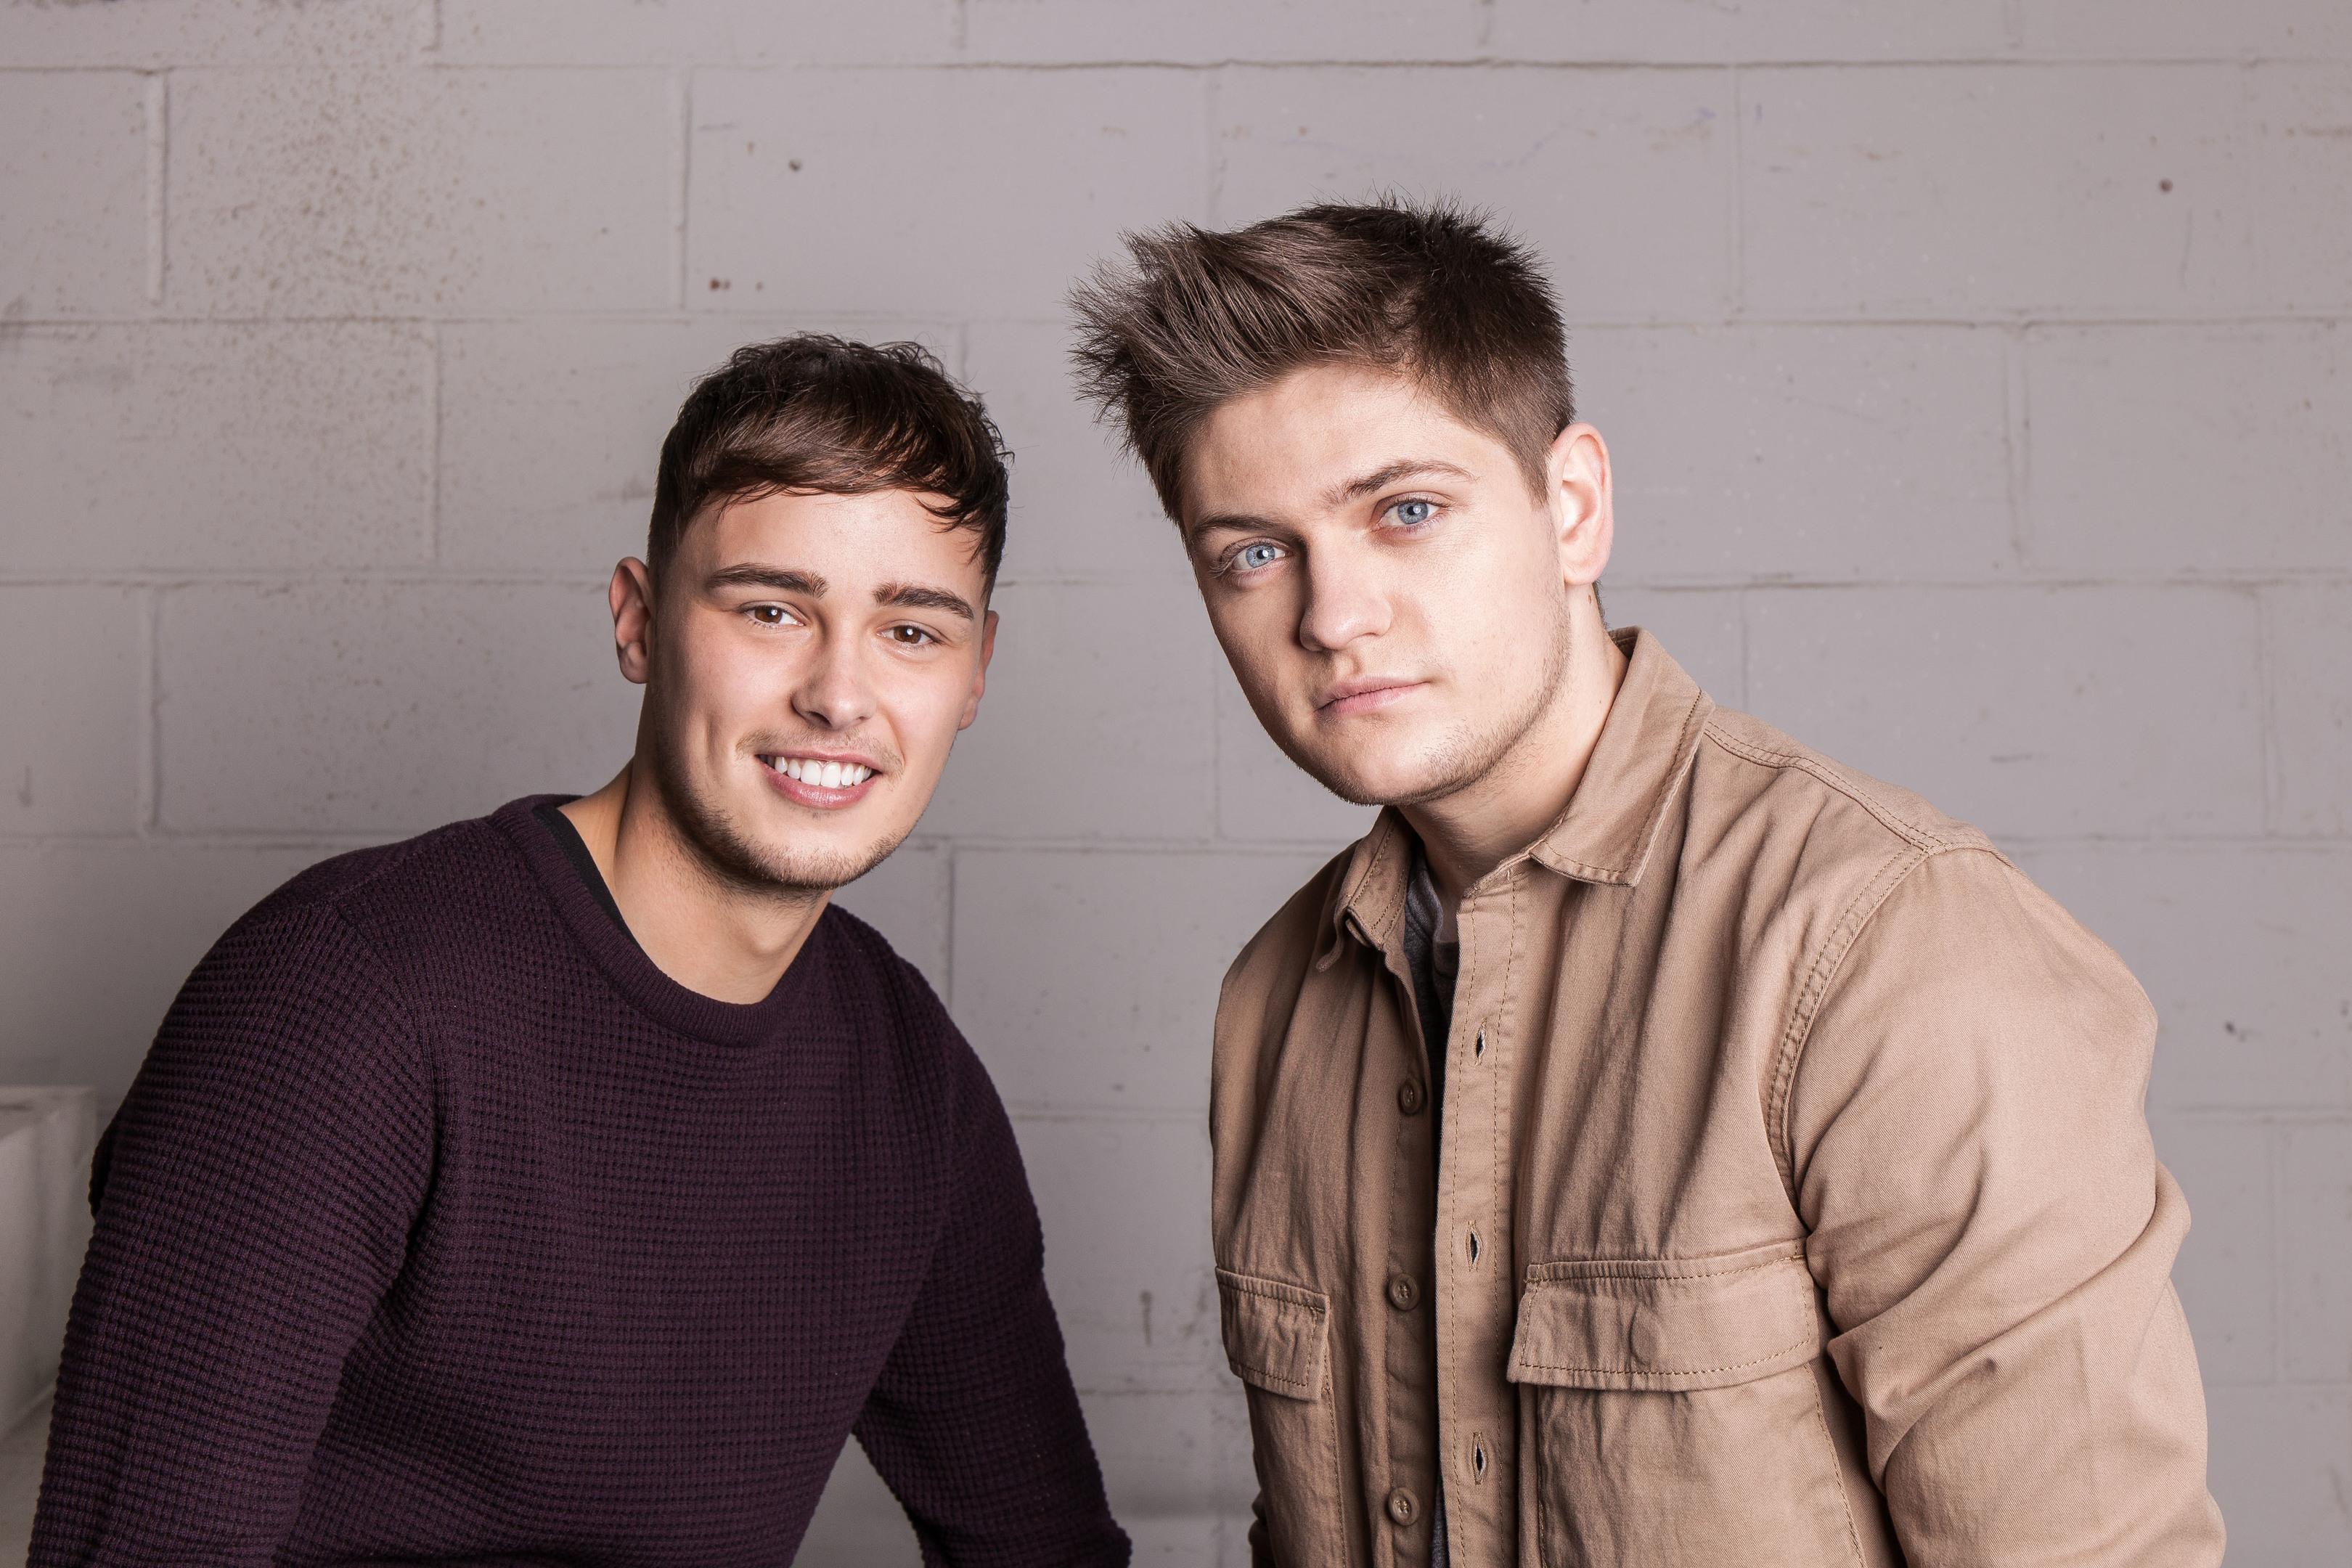 Joe and Jake (BBC/Chris Brock)